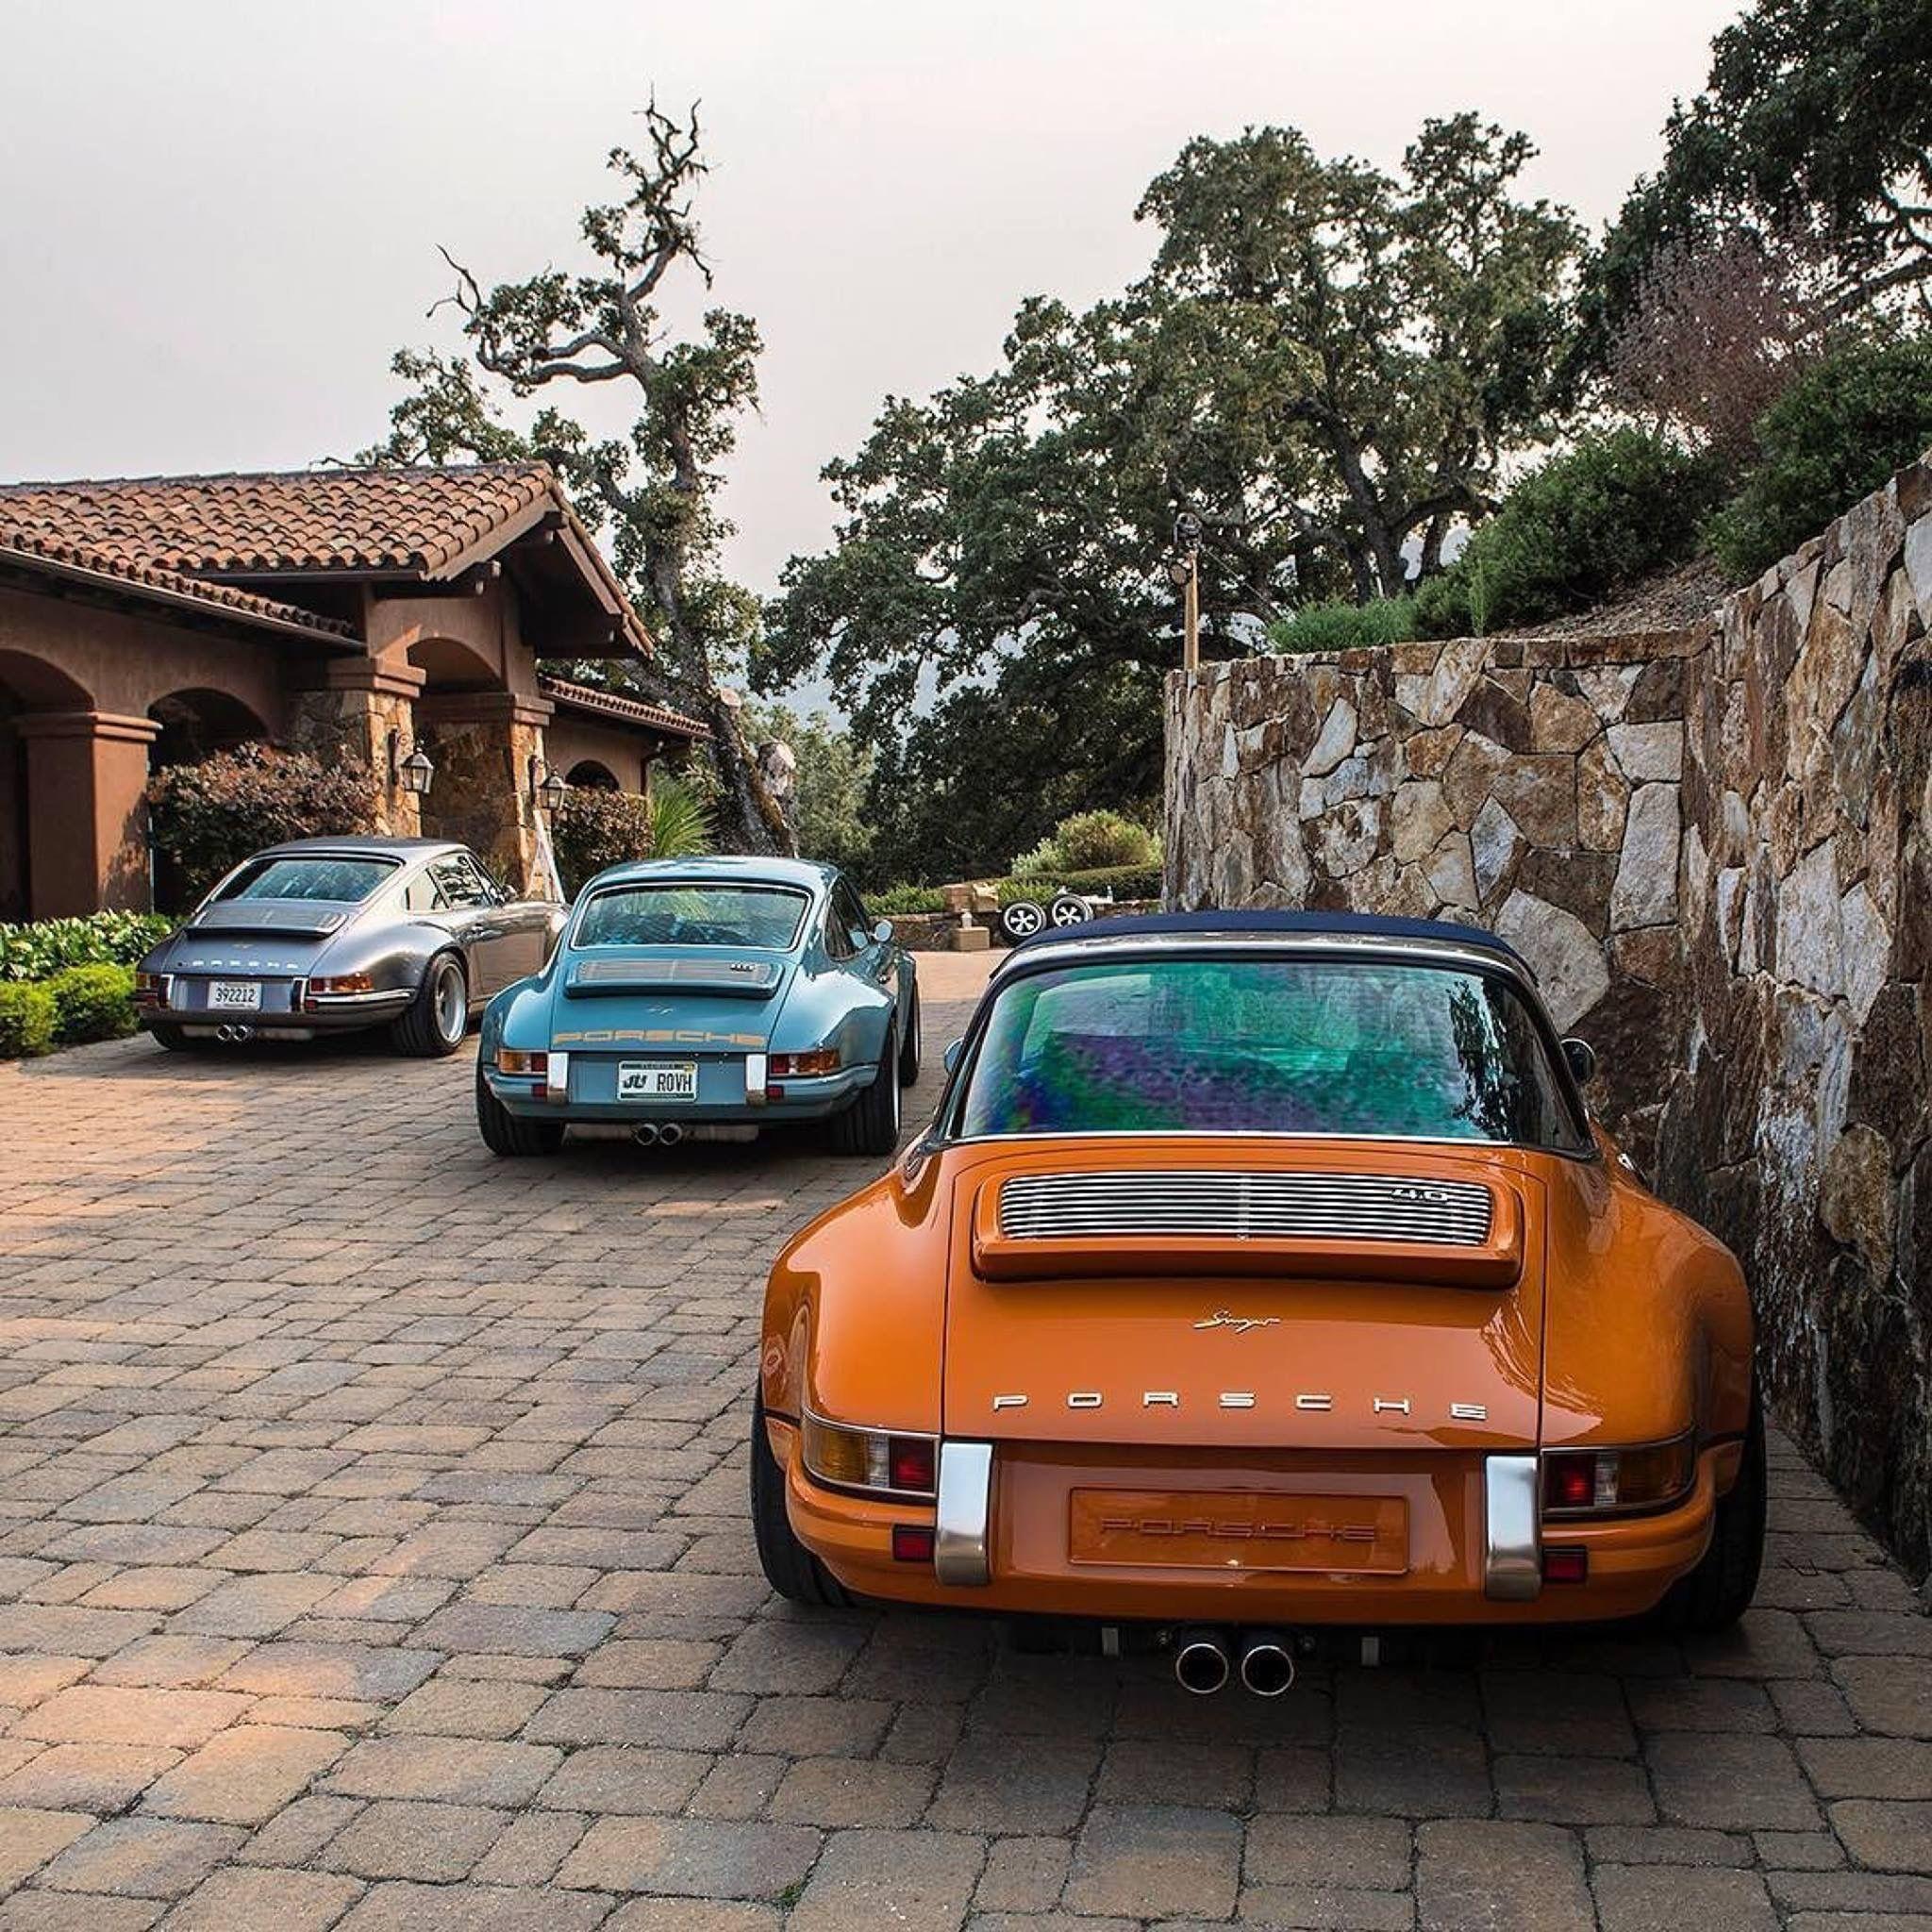 Pin By Mobile9 On Porsche Classic Porsche Porsche 911 Classic Porsche